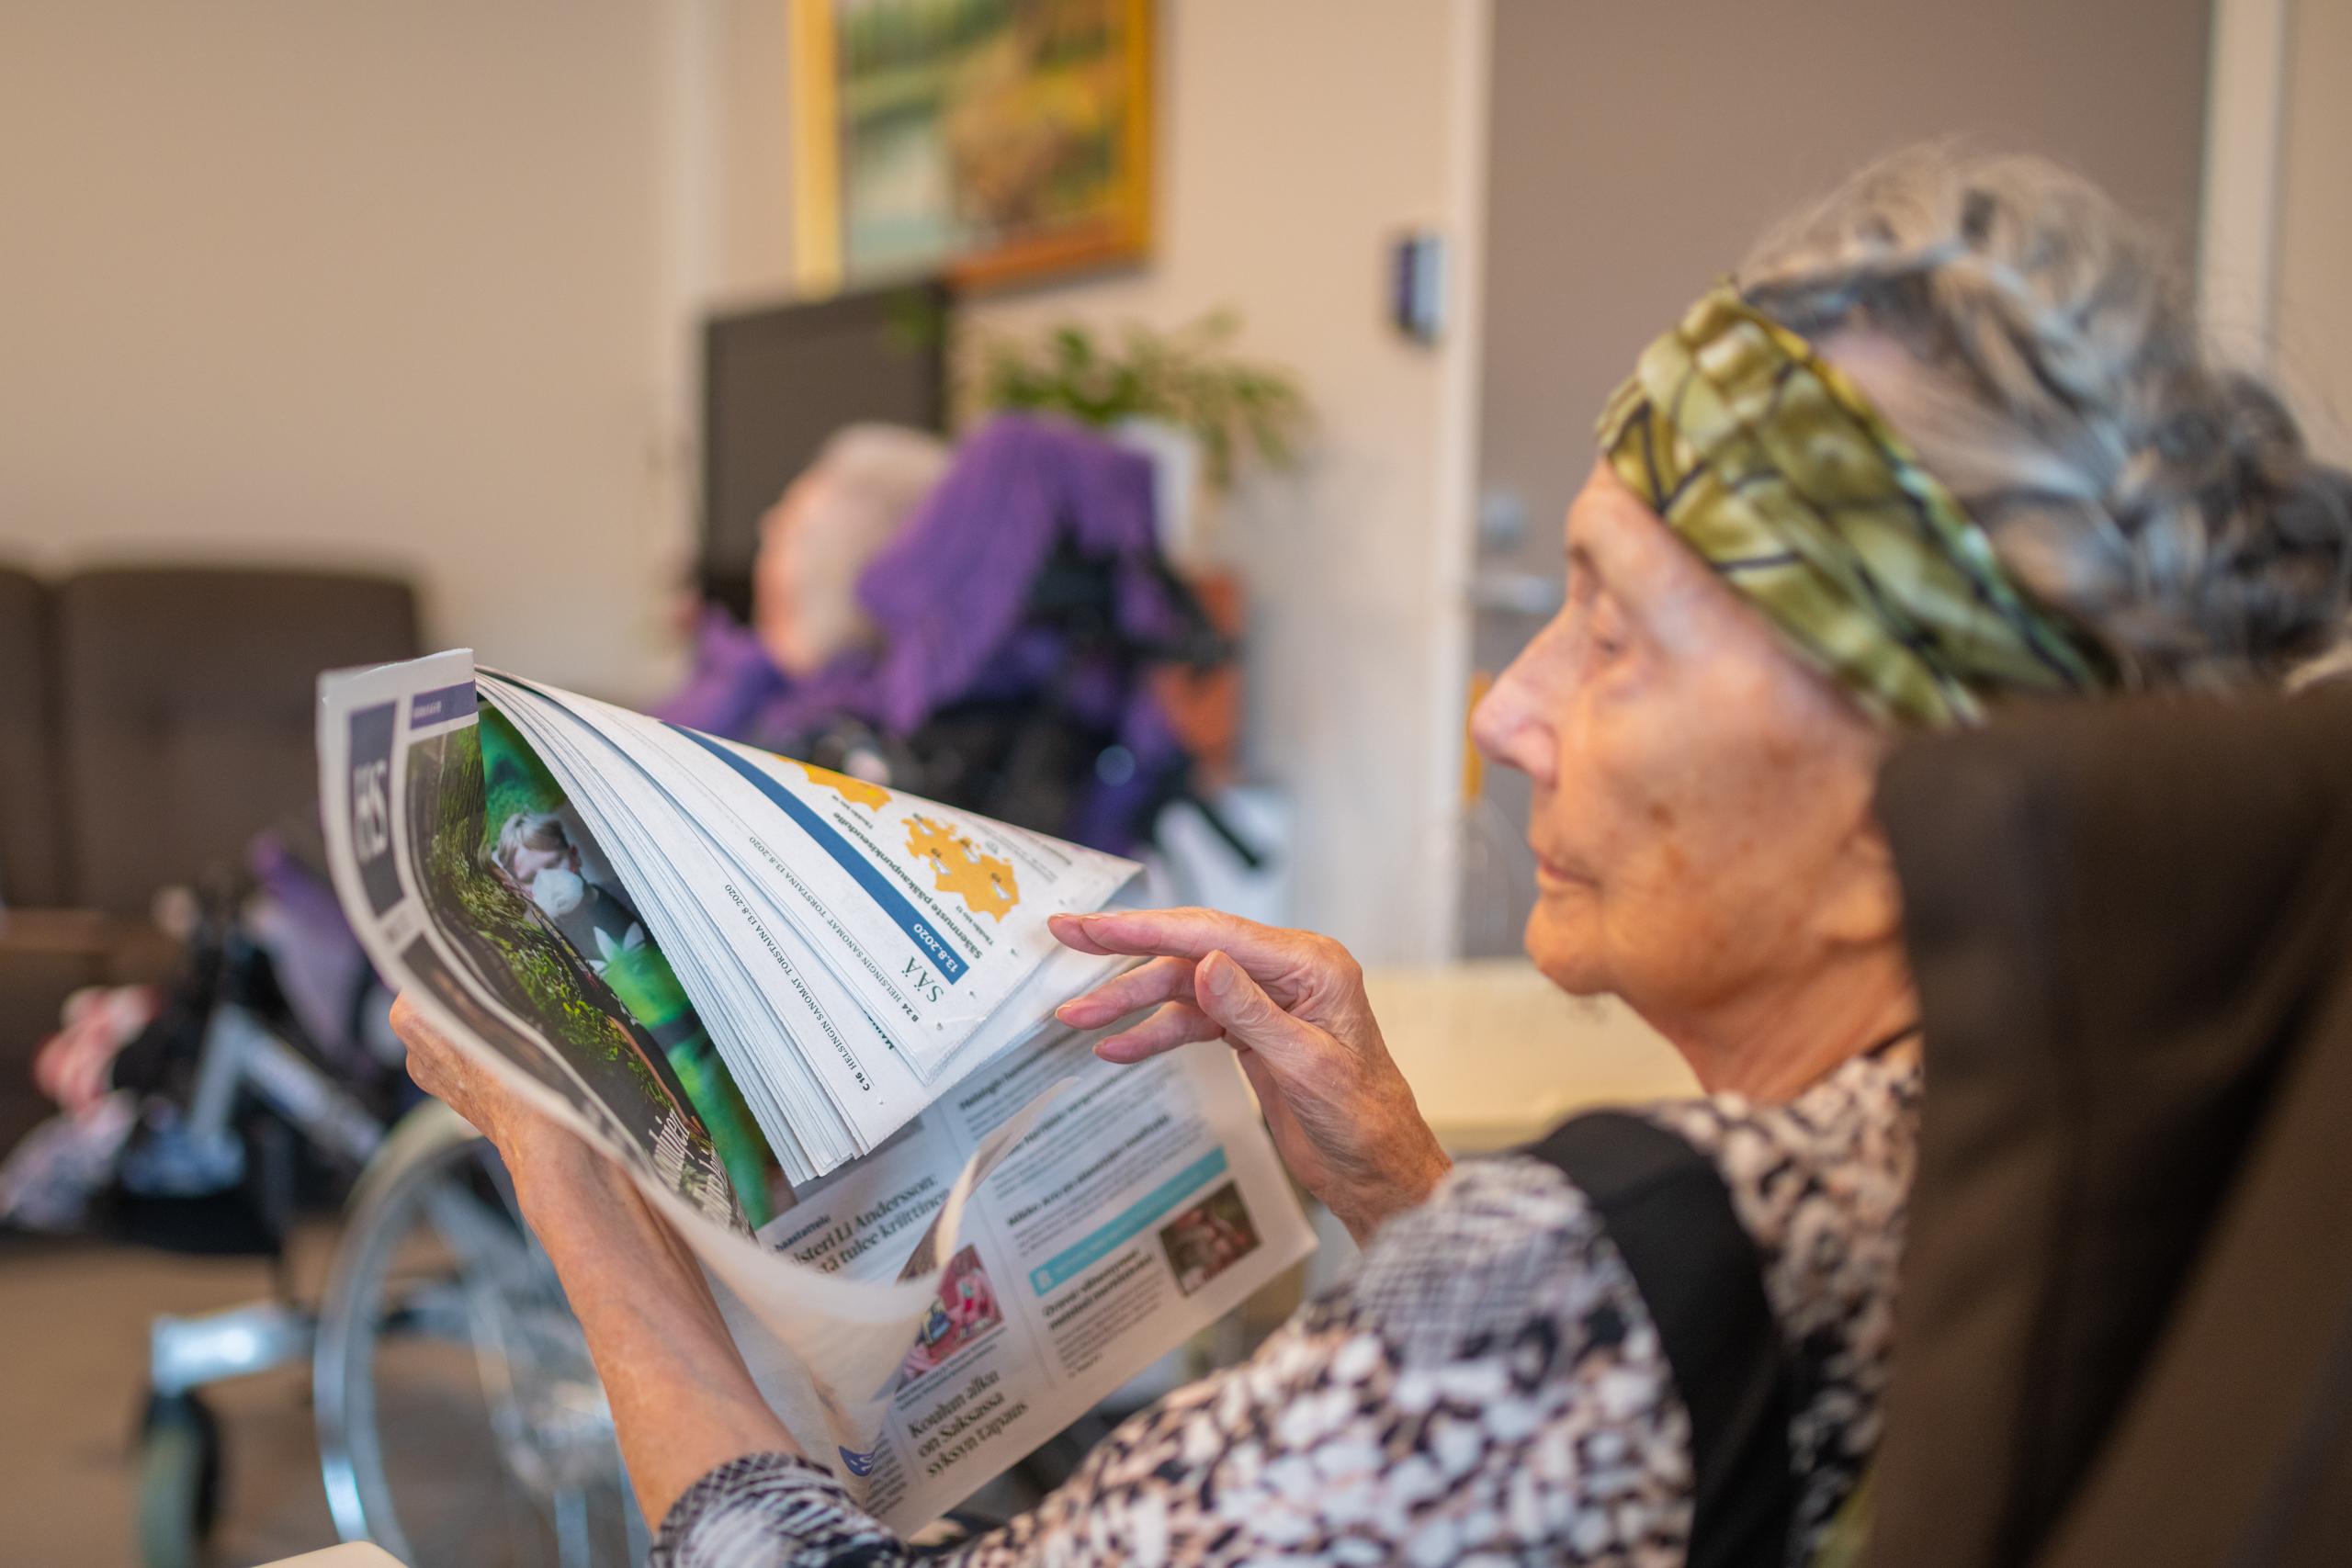 Päiväohjelmaamme kuuluu aamu- ja iltatoimien lisäksi mm. seurustelua ja sanomalehtien lukemista